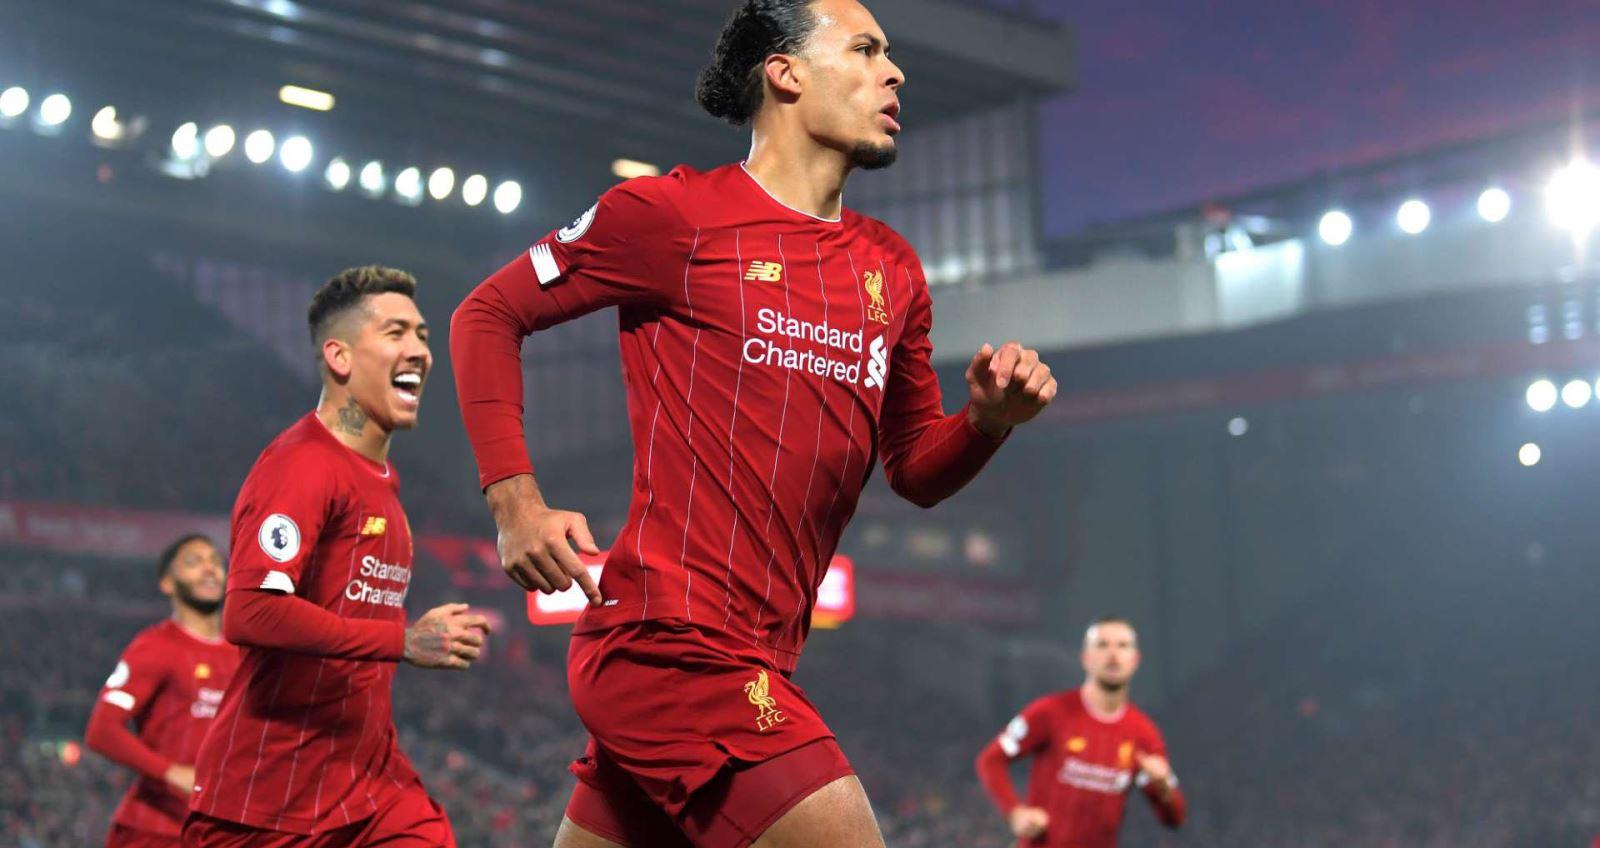 Ket qua bong da Anh, Liverpool 2-0 MU, Kết quả ngoại hạng Anh vòng 23, MU, Liverpool, video clip Liverpool 2-0 MU, bảng xếp hạng ngoại hạng Anh, tin tức MU vs Liverpool